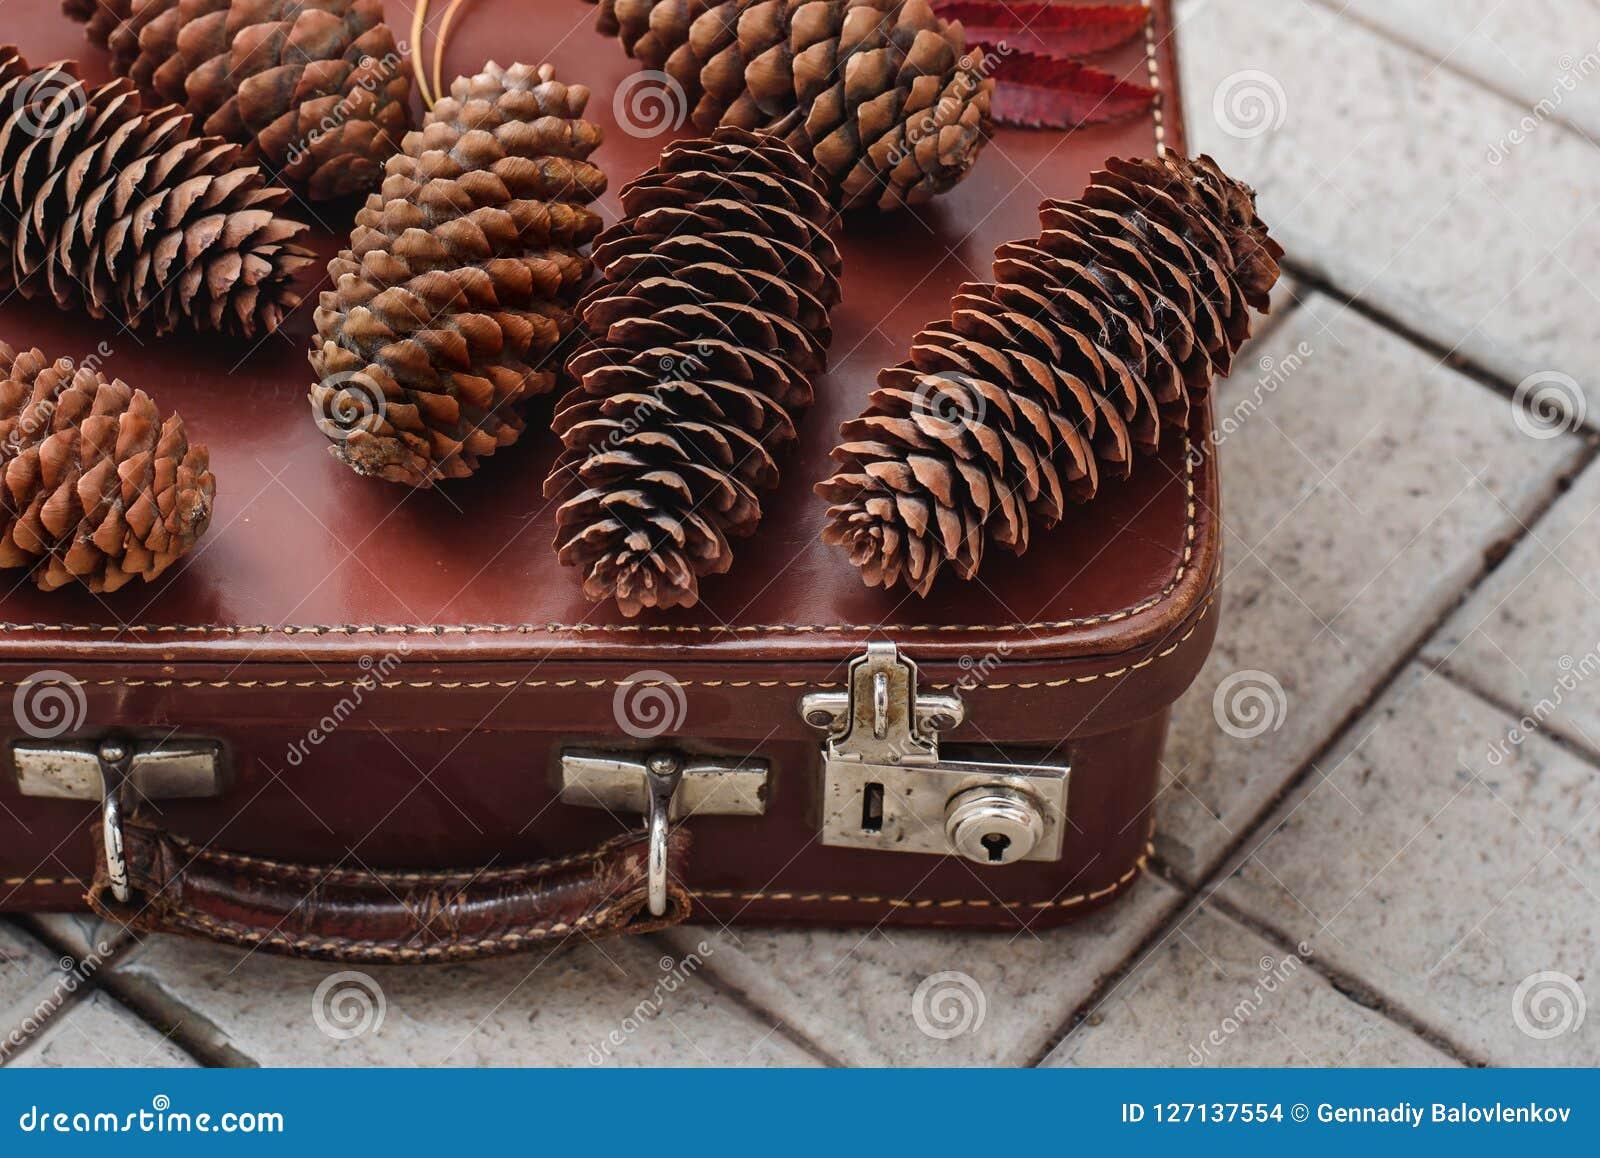 La vie toujours des cônes de pin et des baies de cendre de montagne sur les panneaux en bois, décorations de Noël